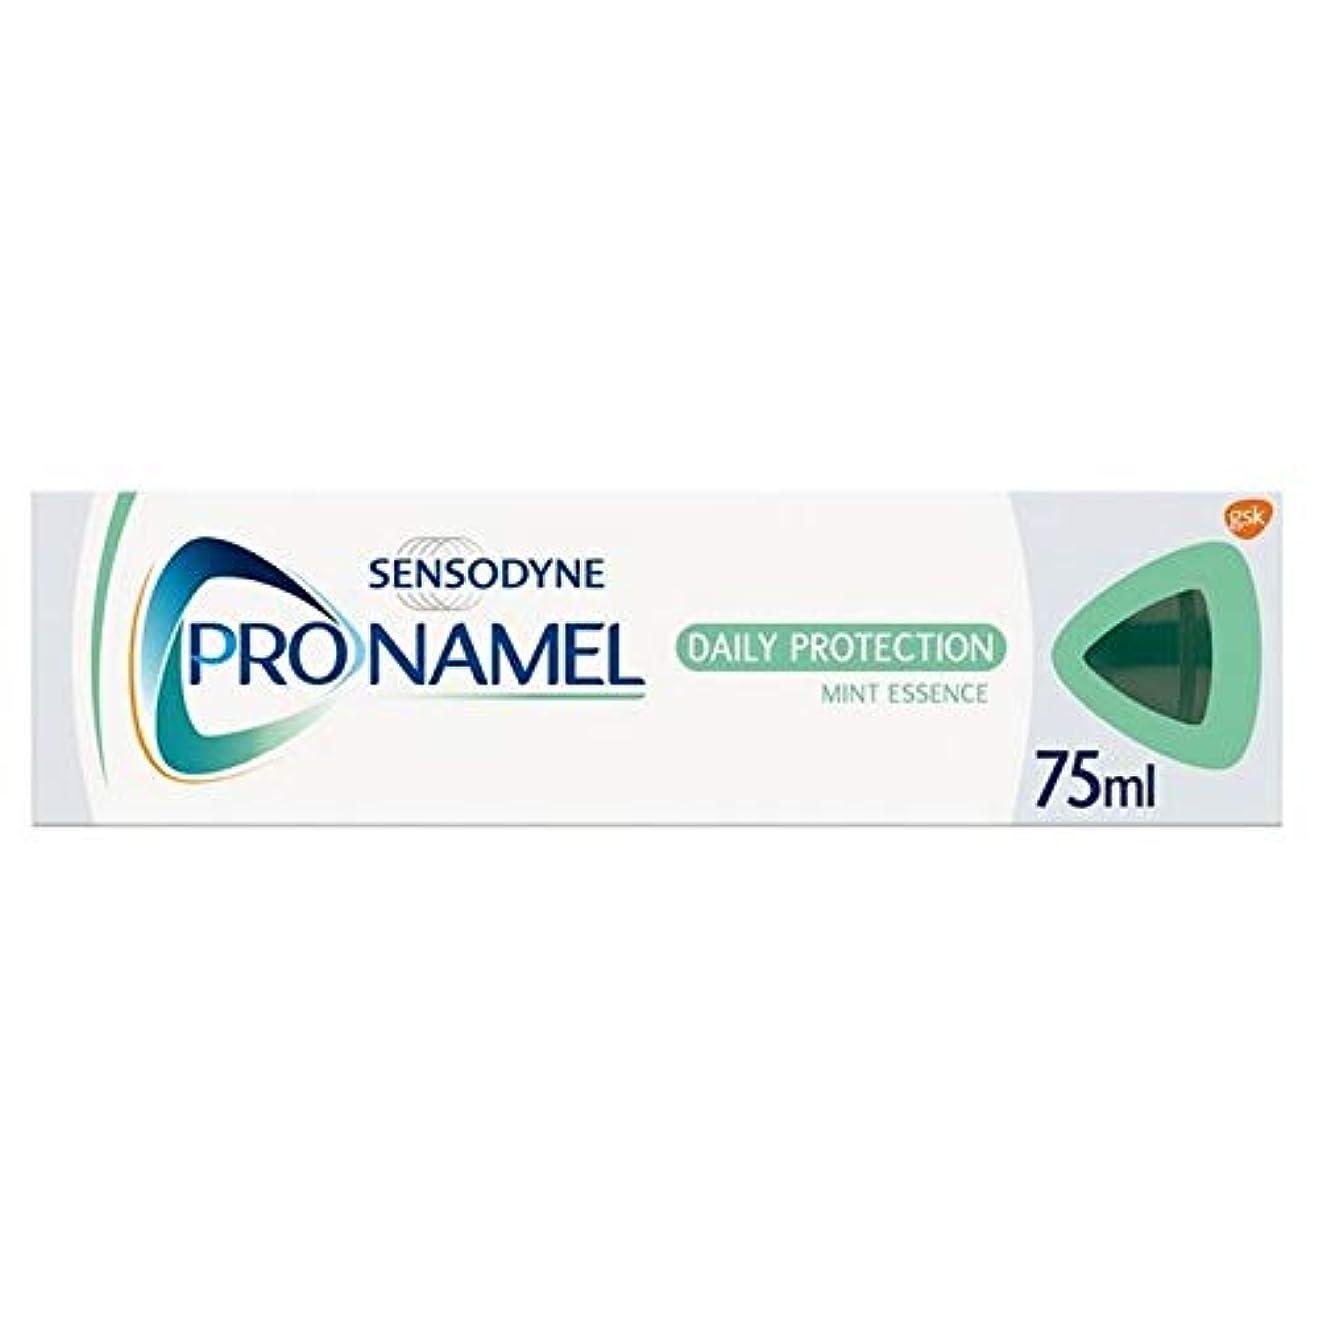 とても脚本連隊[Sensodyne] SensodyneのPronamel毎日保護エナメルケア歯磨き粉75ミリリットル - Sensodyne Pronamel Daily Protection Enamel Care Toothpaste...